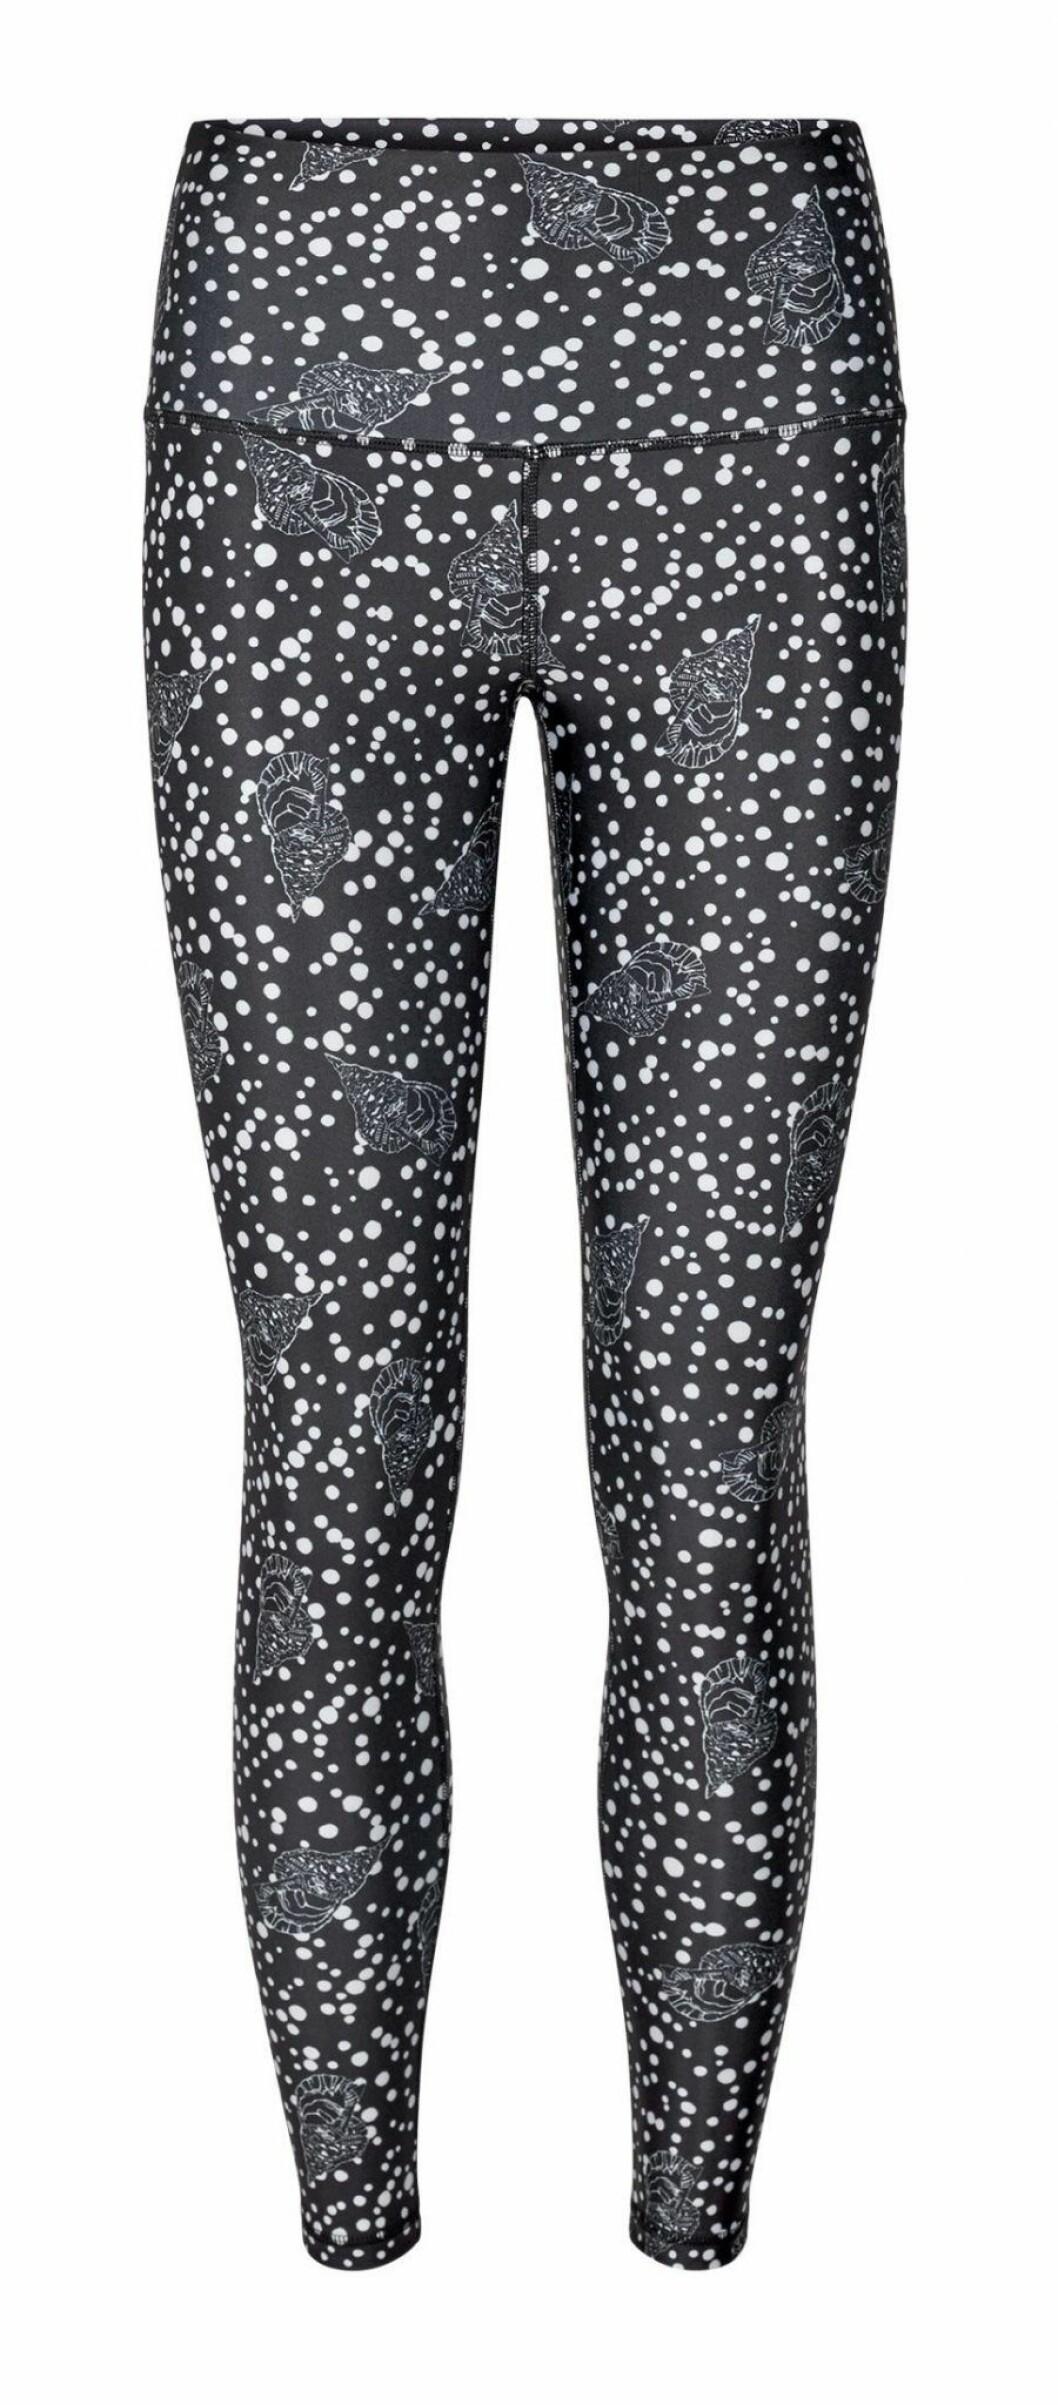 Högmidjade leggings med snäckmönster från danska märket H2o Fagerholt